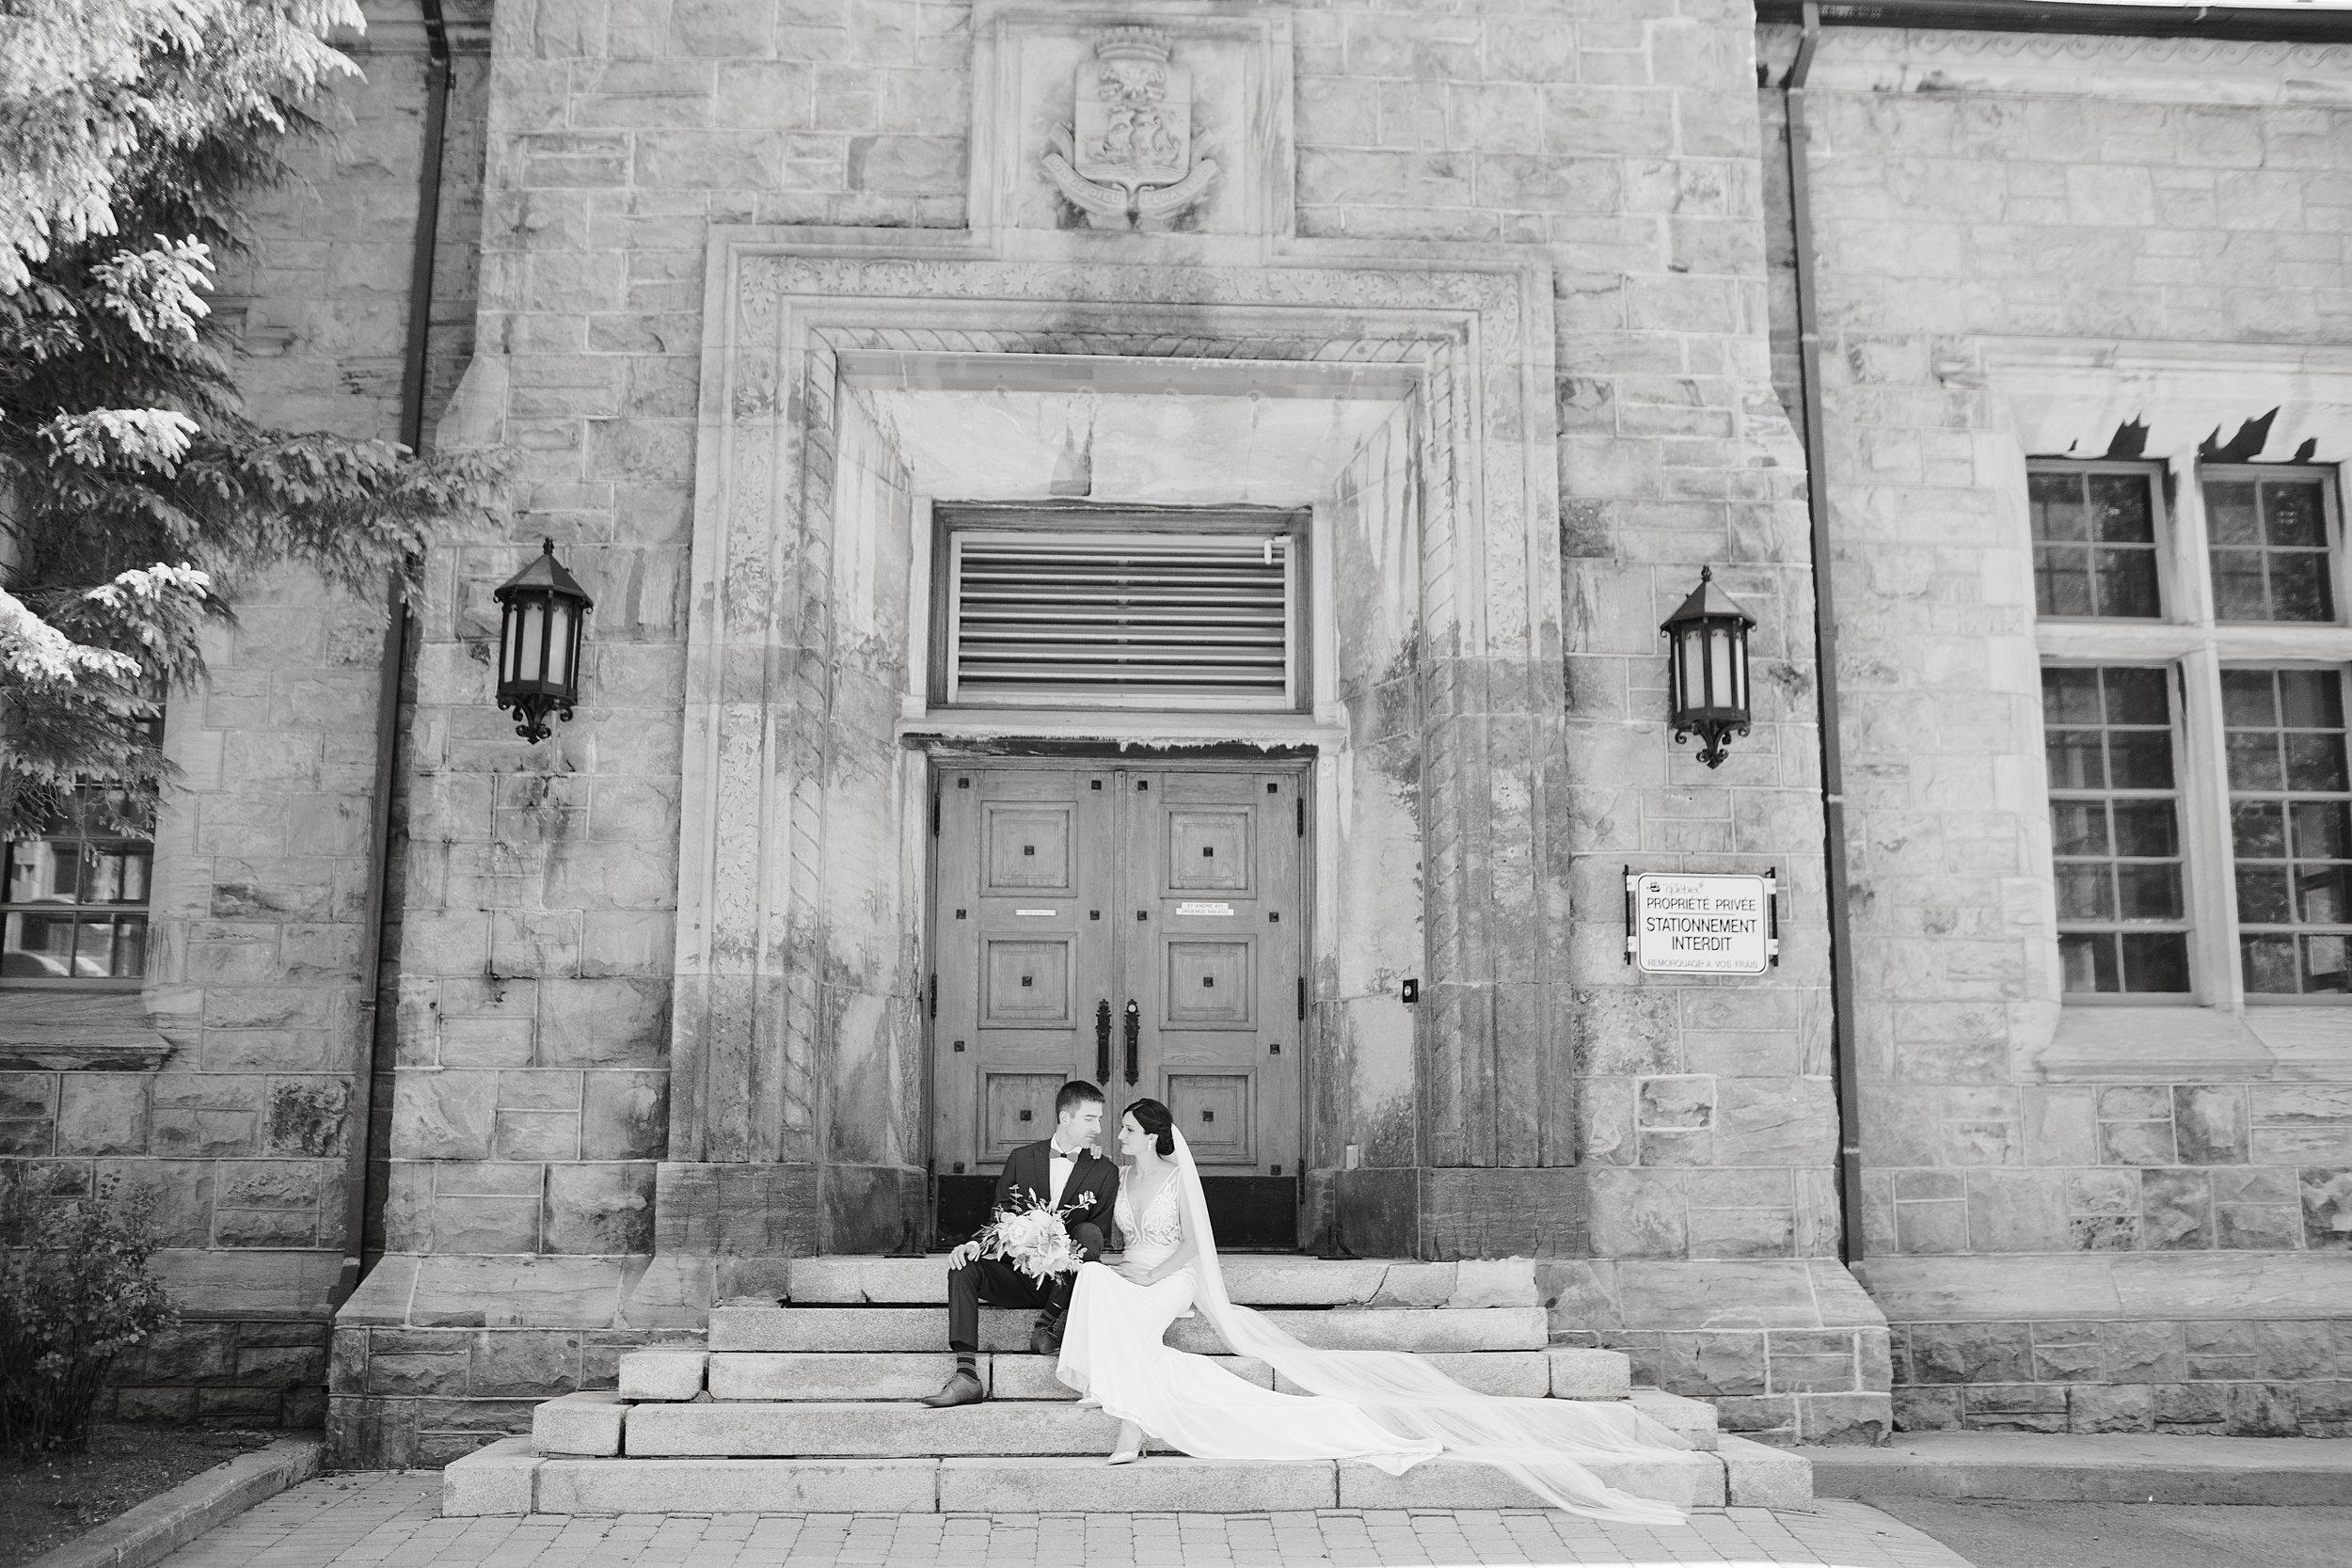 elopement-quebec-mariage-intime-valerie-busque-wedding.jpg